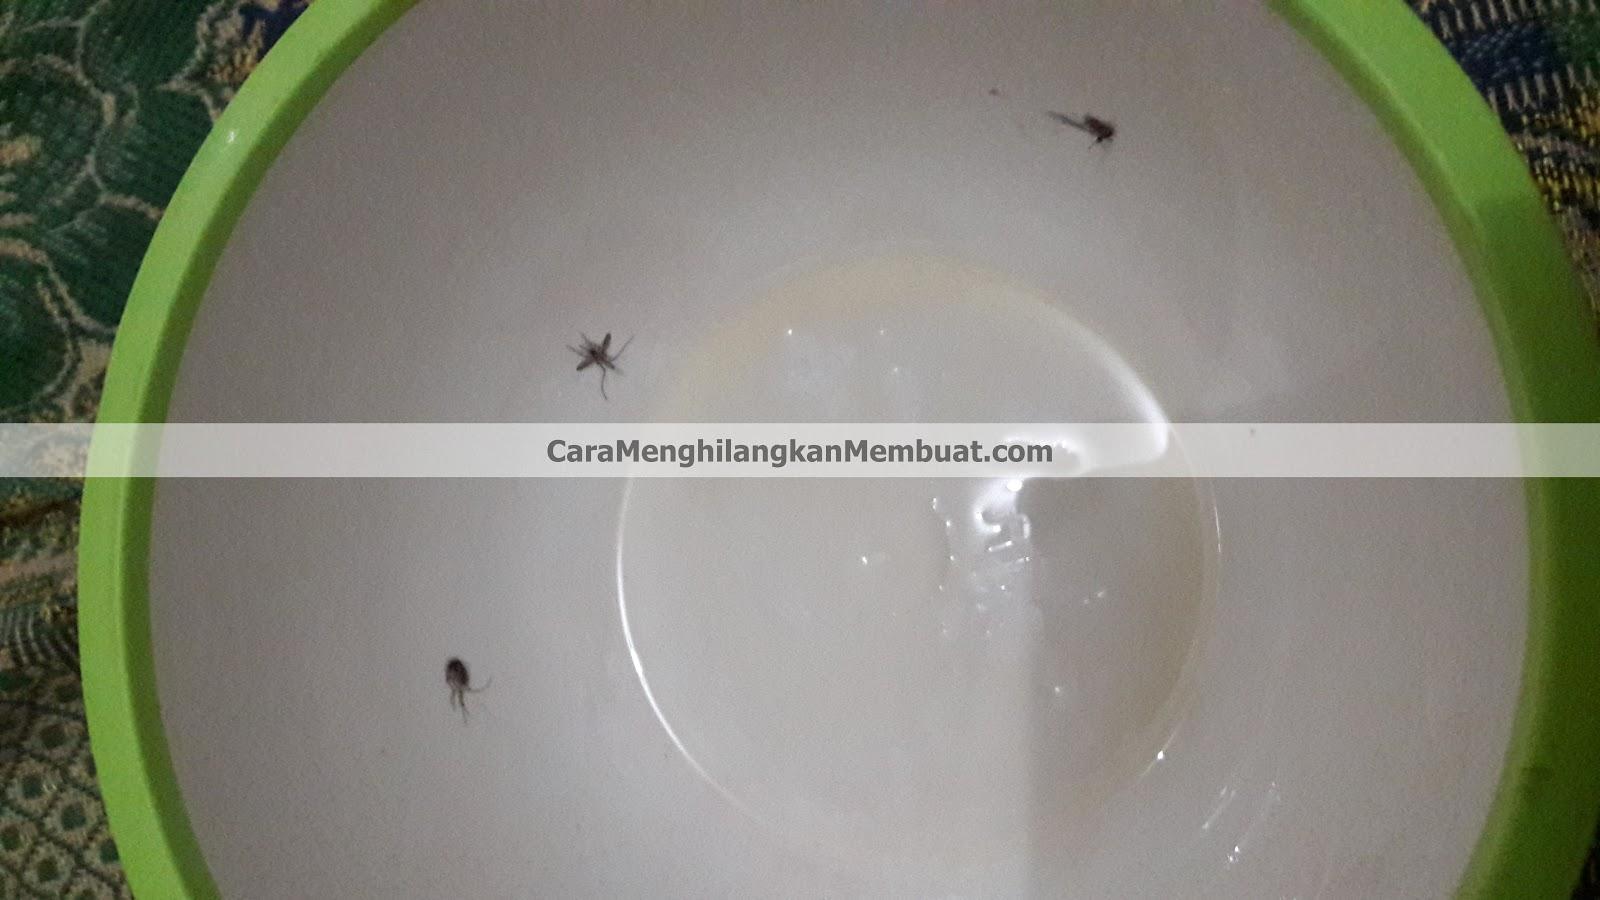 Cara Membuat Alat Penangkap Nyamuk dengan Mangkok Plastik